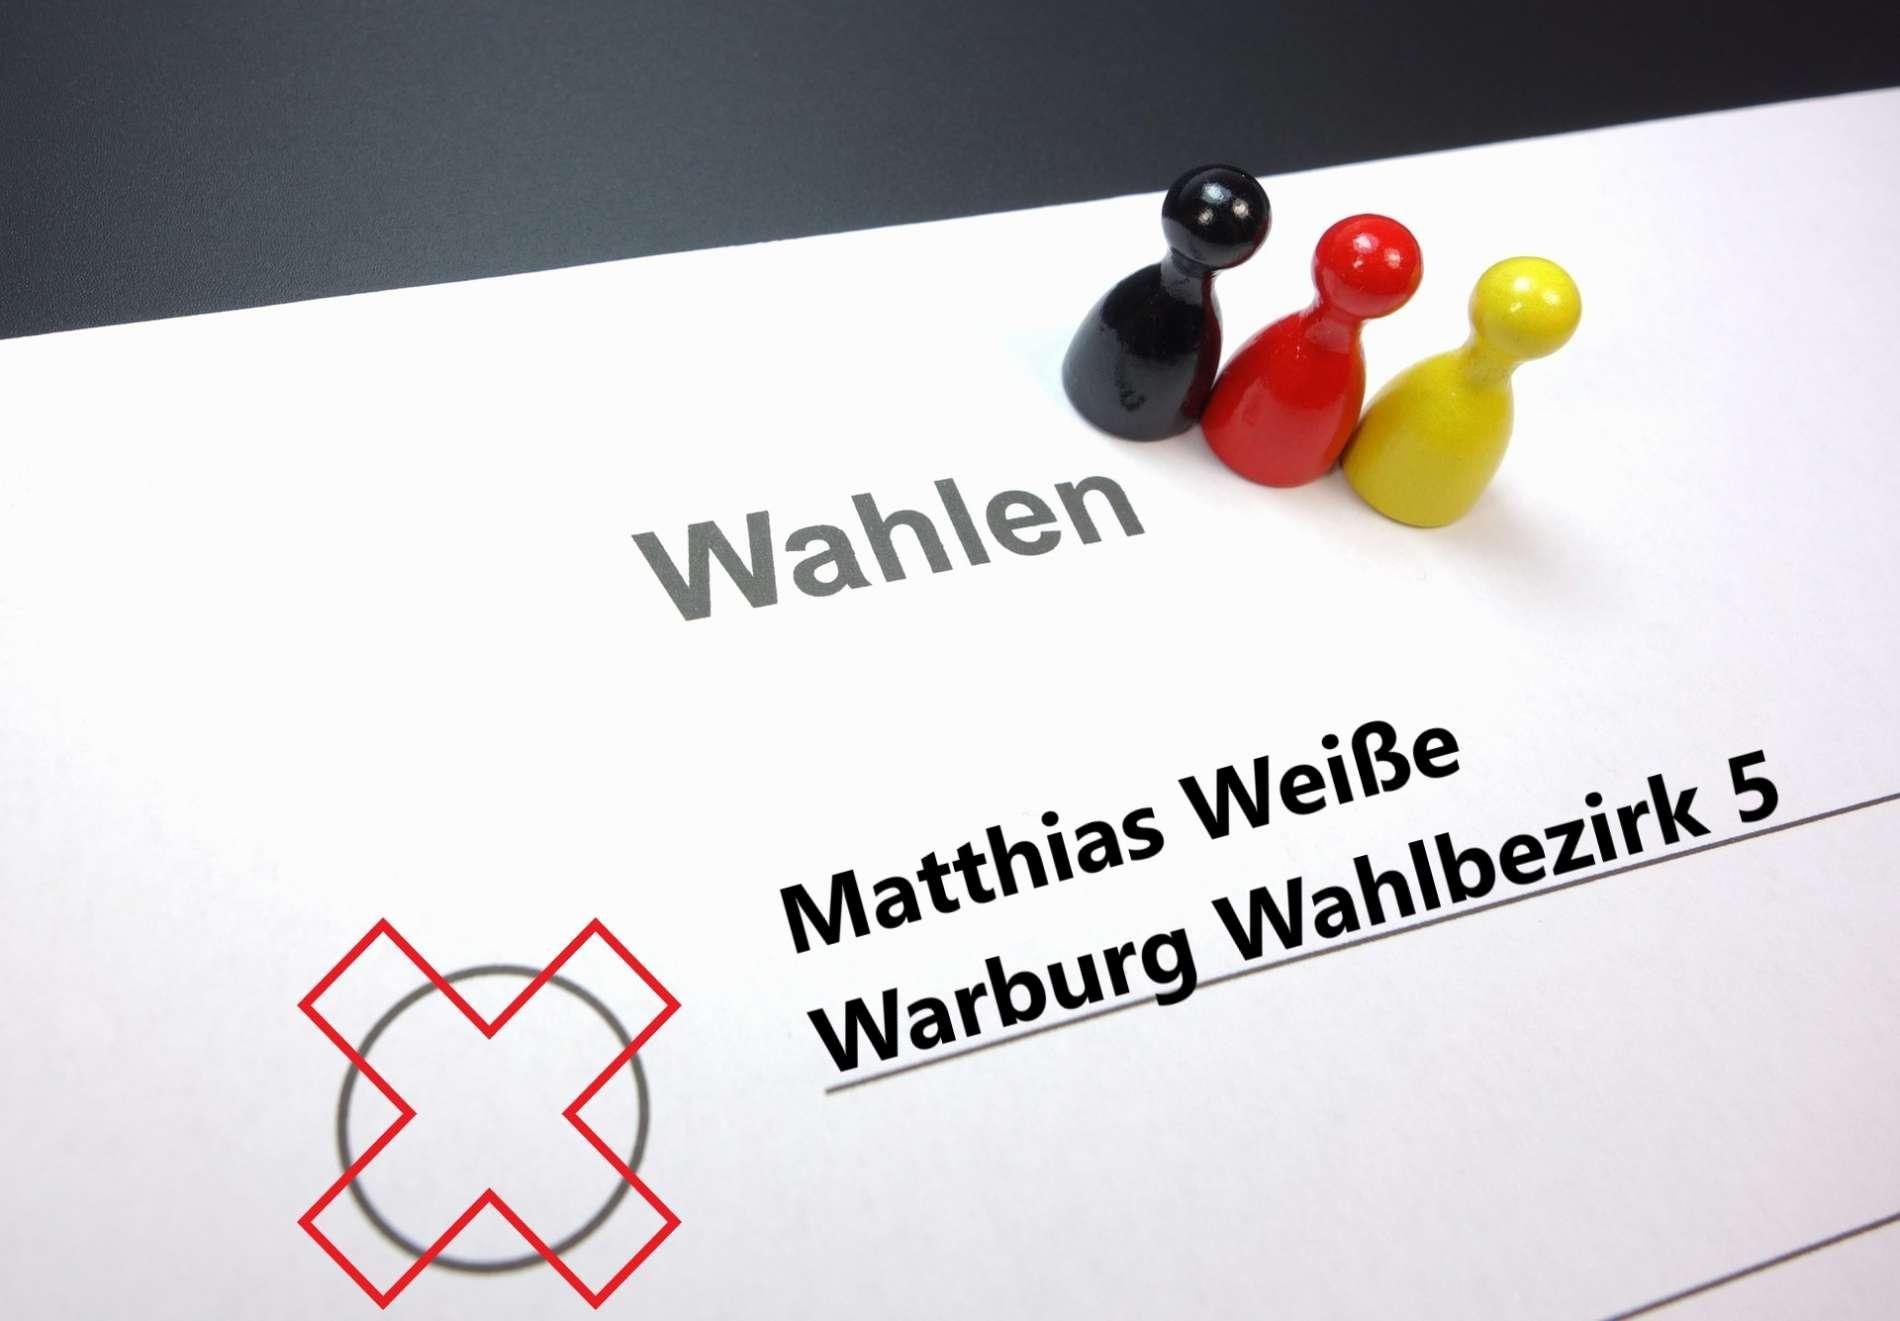 Kommunalwahlen / Gemeinderatswahlen in Warburg: Matthias Weiße tritt im Wahlbezirk 5 an